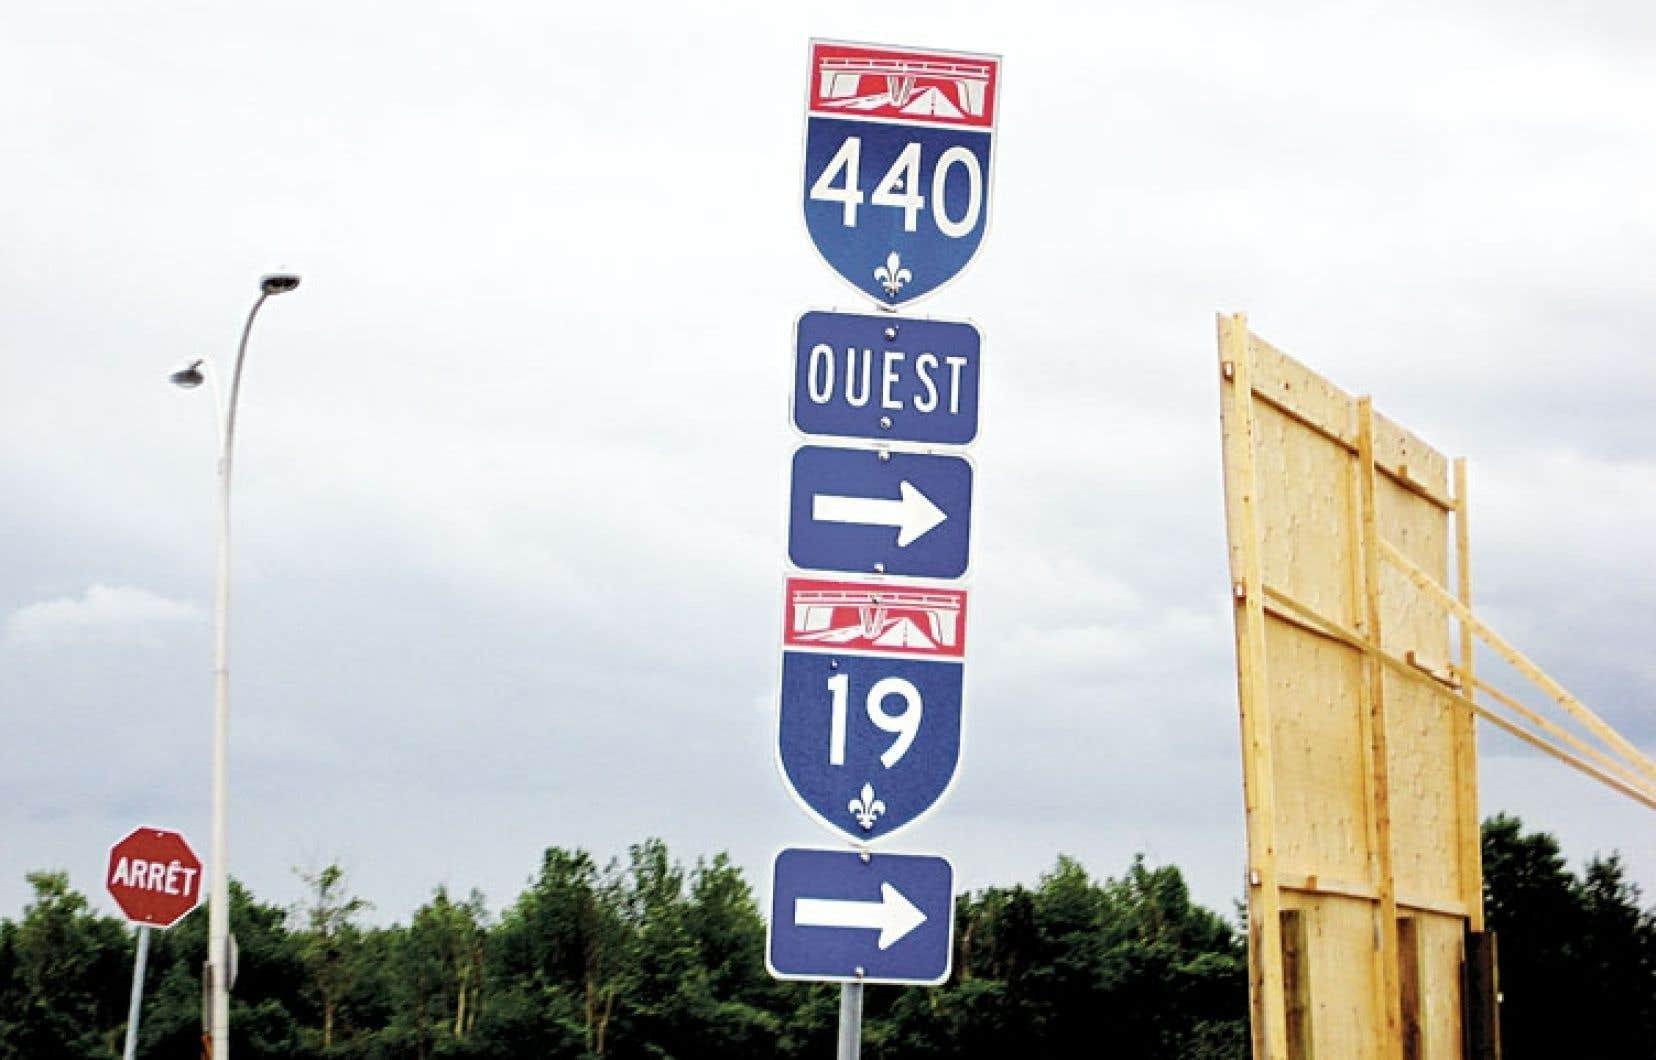 Projet populaire en temps d'élection s'il en est un, le parachèvement de l'autoroute 19, entre Laval et Bois-des-Filion, aura été promis par les trois principaux partis au cours des dix dernières campagnes électorales.